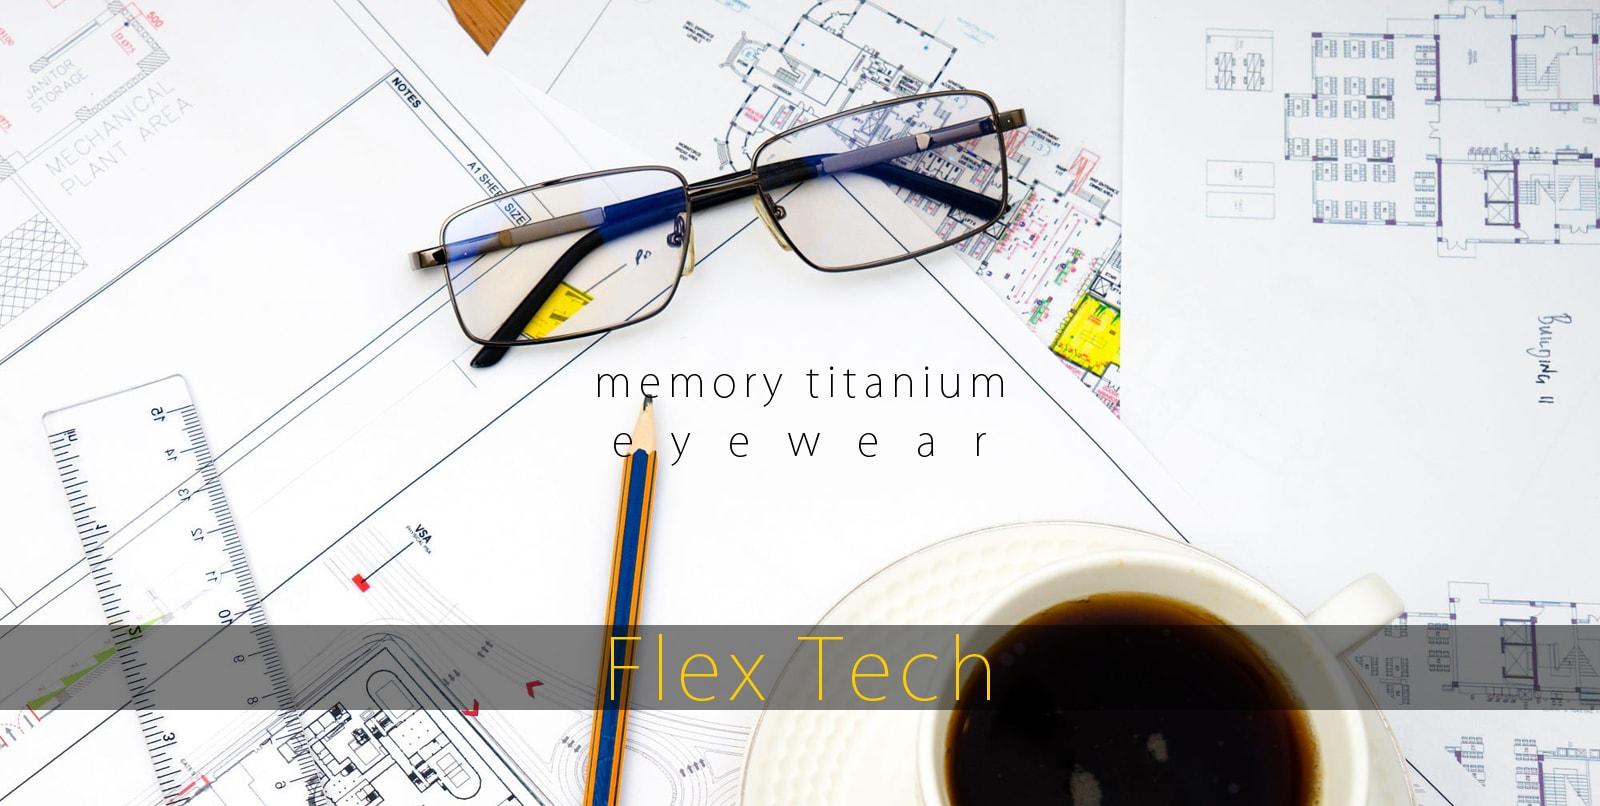 FLEX-TECH